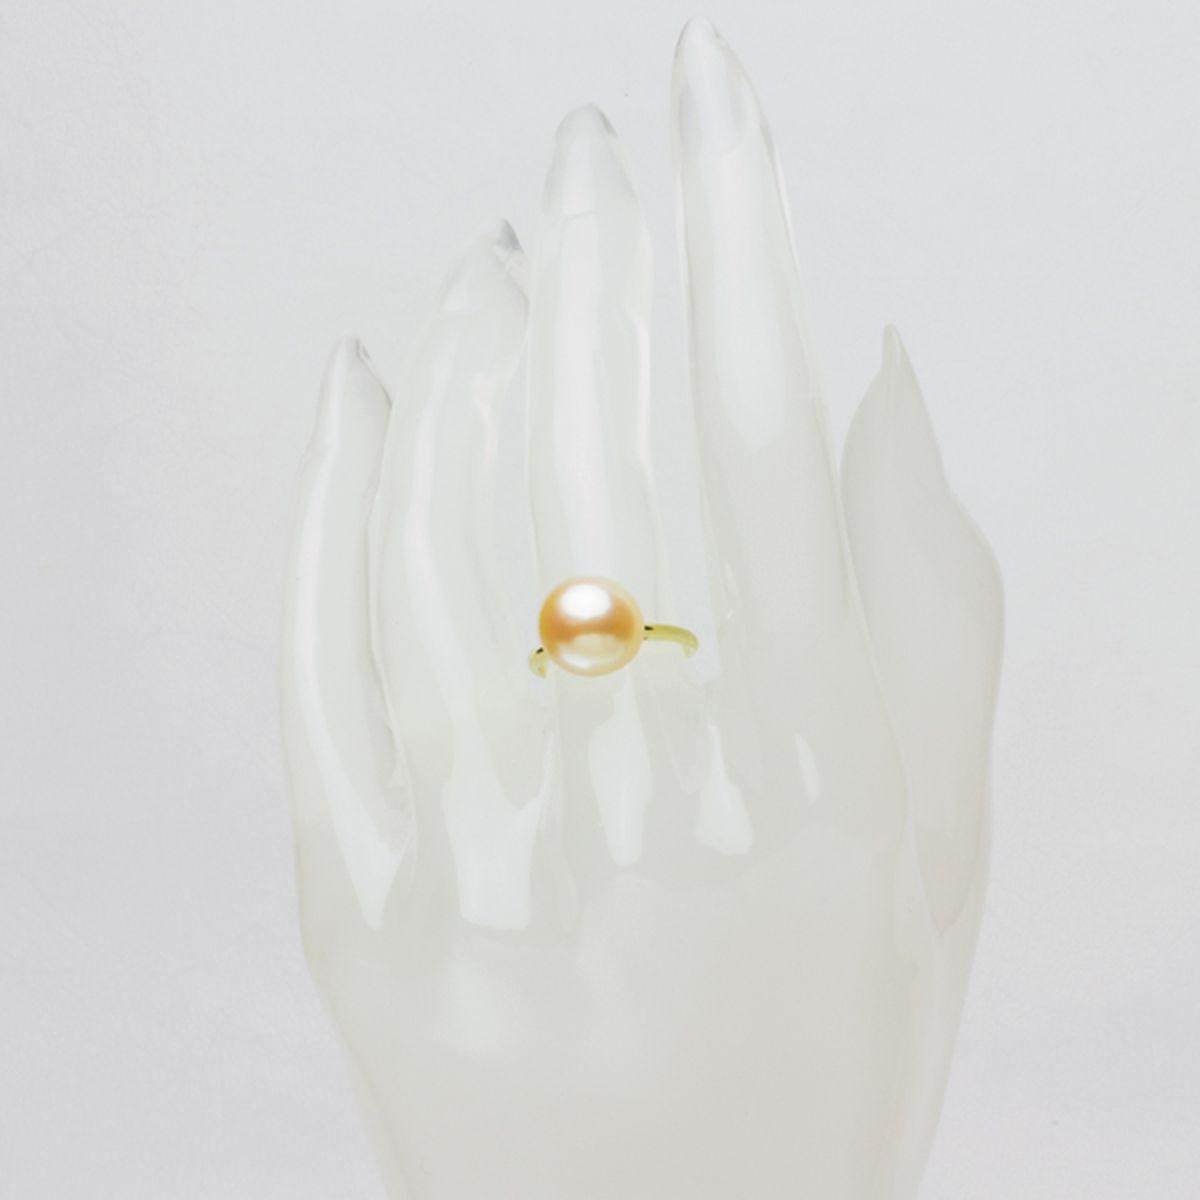 高級淡水真珠 パール リング 約10.85mm ゴールド K18 オレンジ ボタン珠の写真